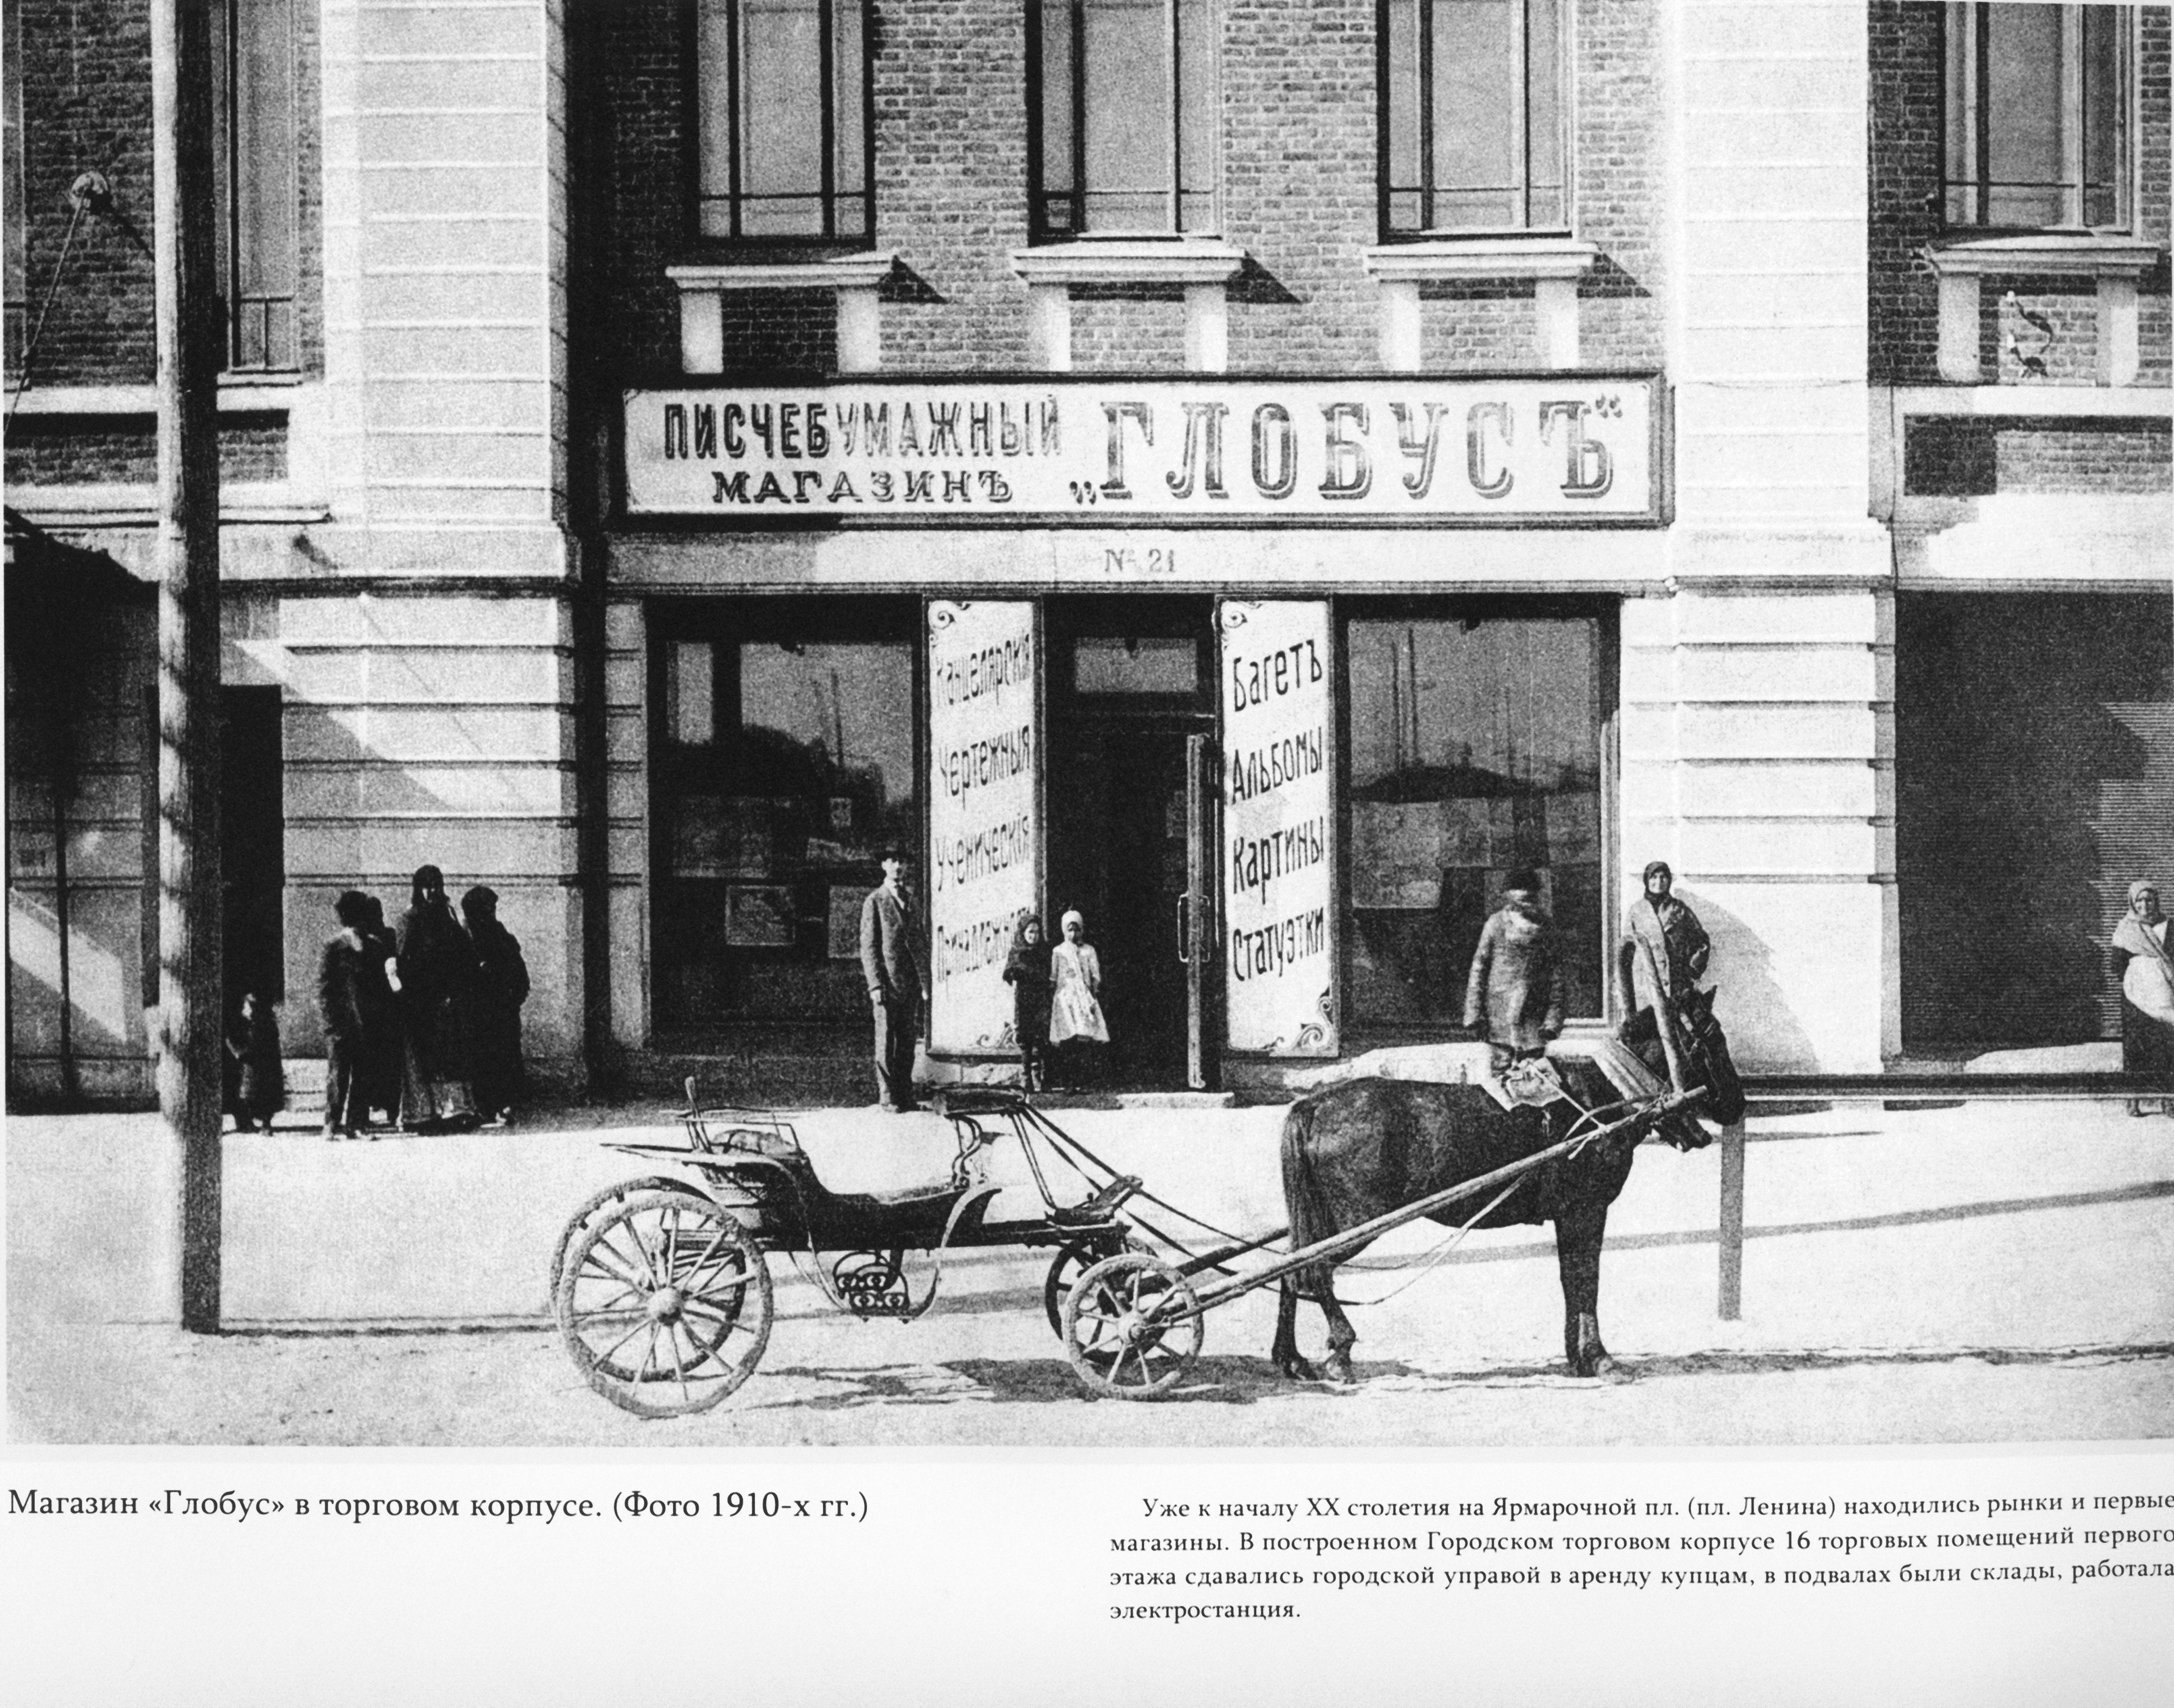 Магазин Глобус в торговом корпусе, 1910-е годы